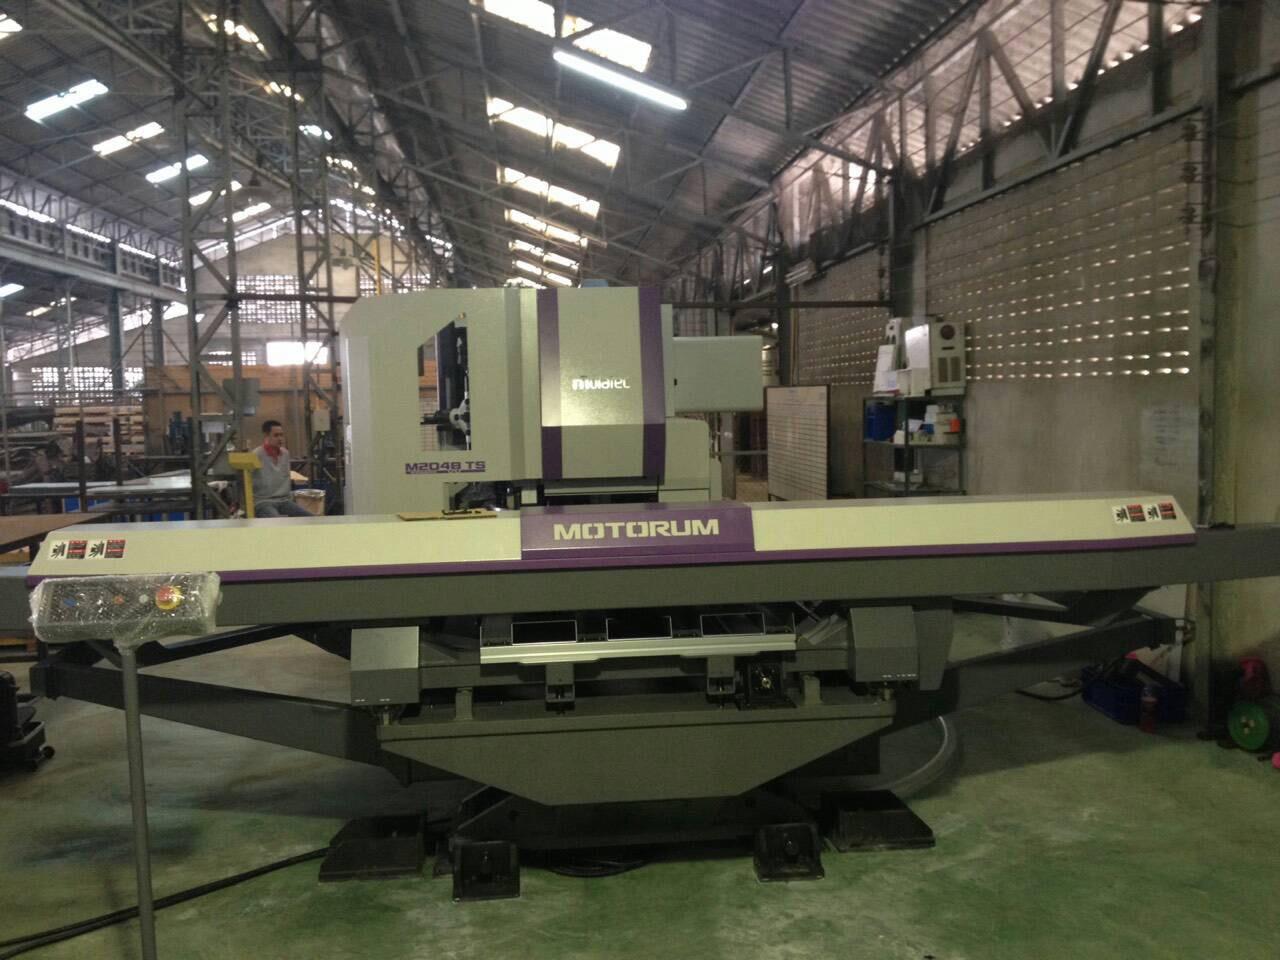 งานติดตั้งเครื่อง Muratec Turret Punch Press M2048TS พร้อมฟังซ์ชั่นการต๊าป @ PPK Industry 27-1-58